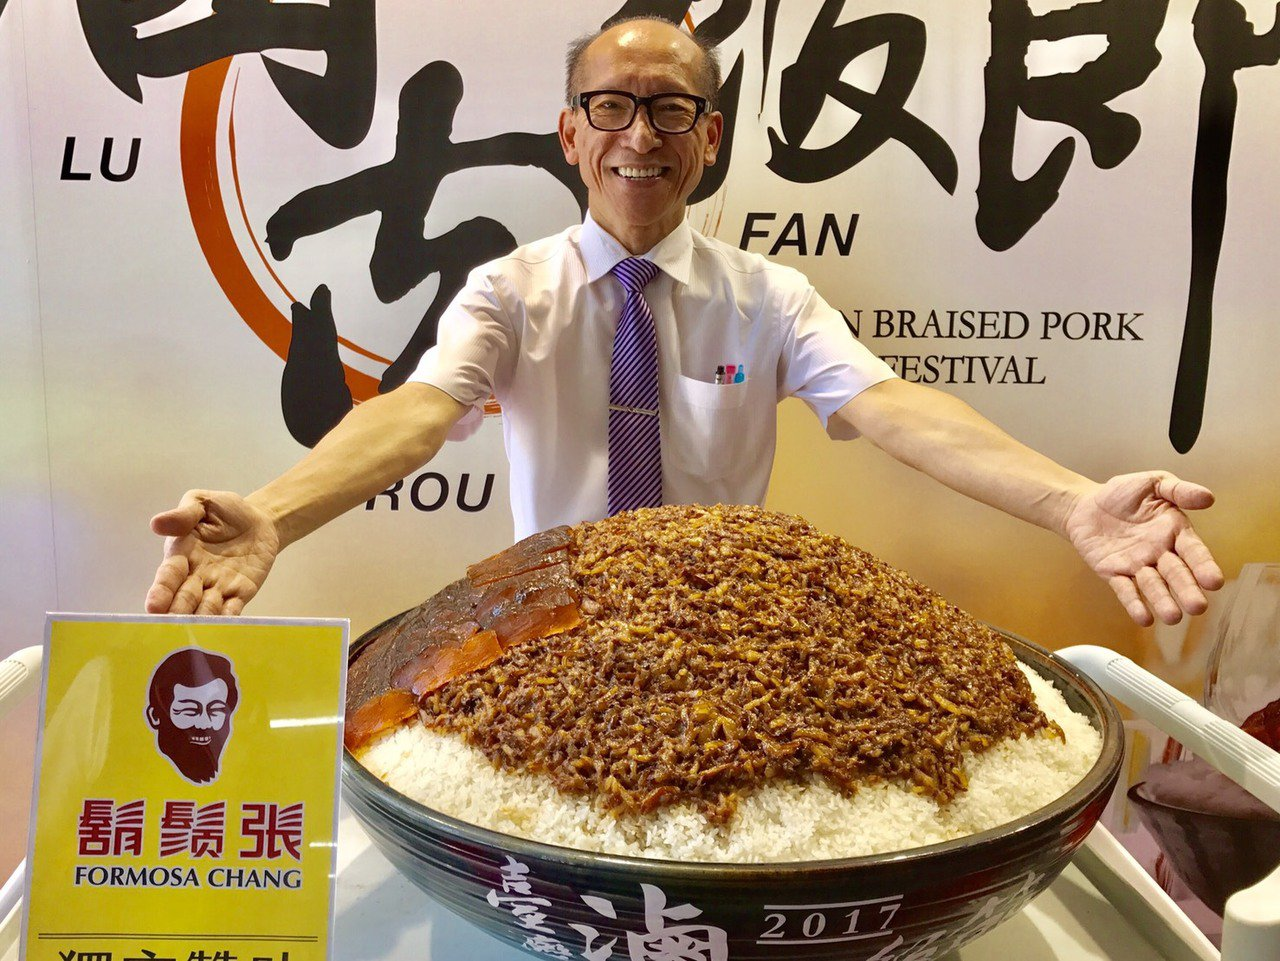 魯肉飯龍頭連鎖店鬍鬚張今天宣布,因經營成本與食安維護成本上升,在77個產品中調整...